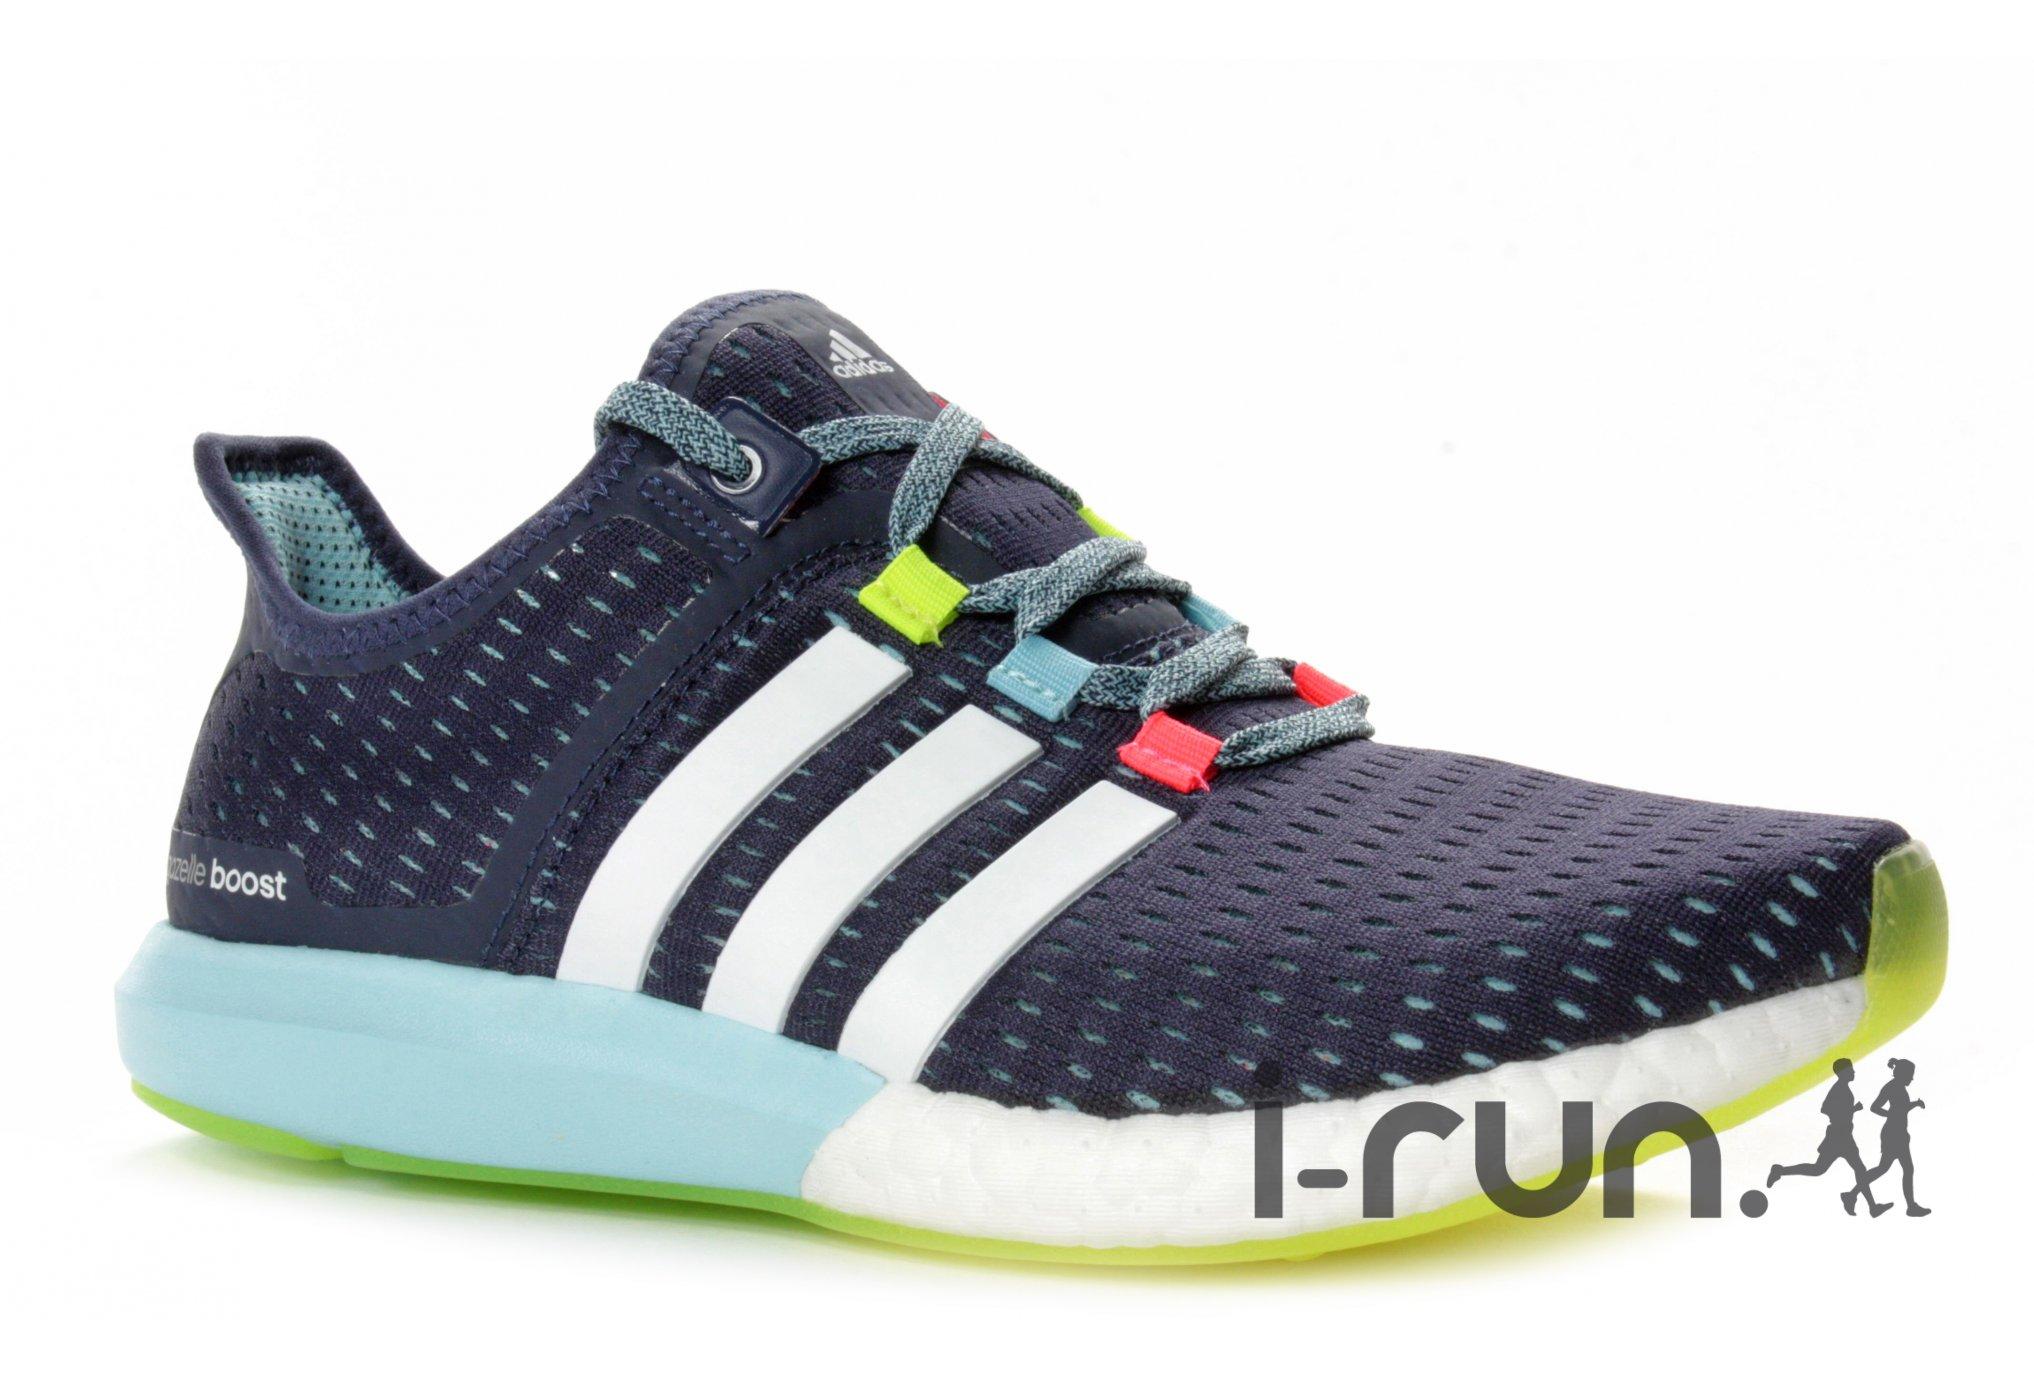 Adidas Cc gazelle boost w diététique chaussures femme